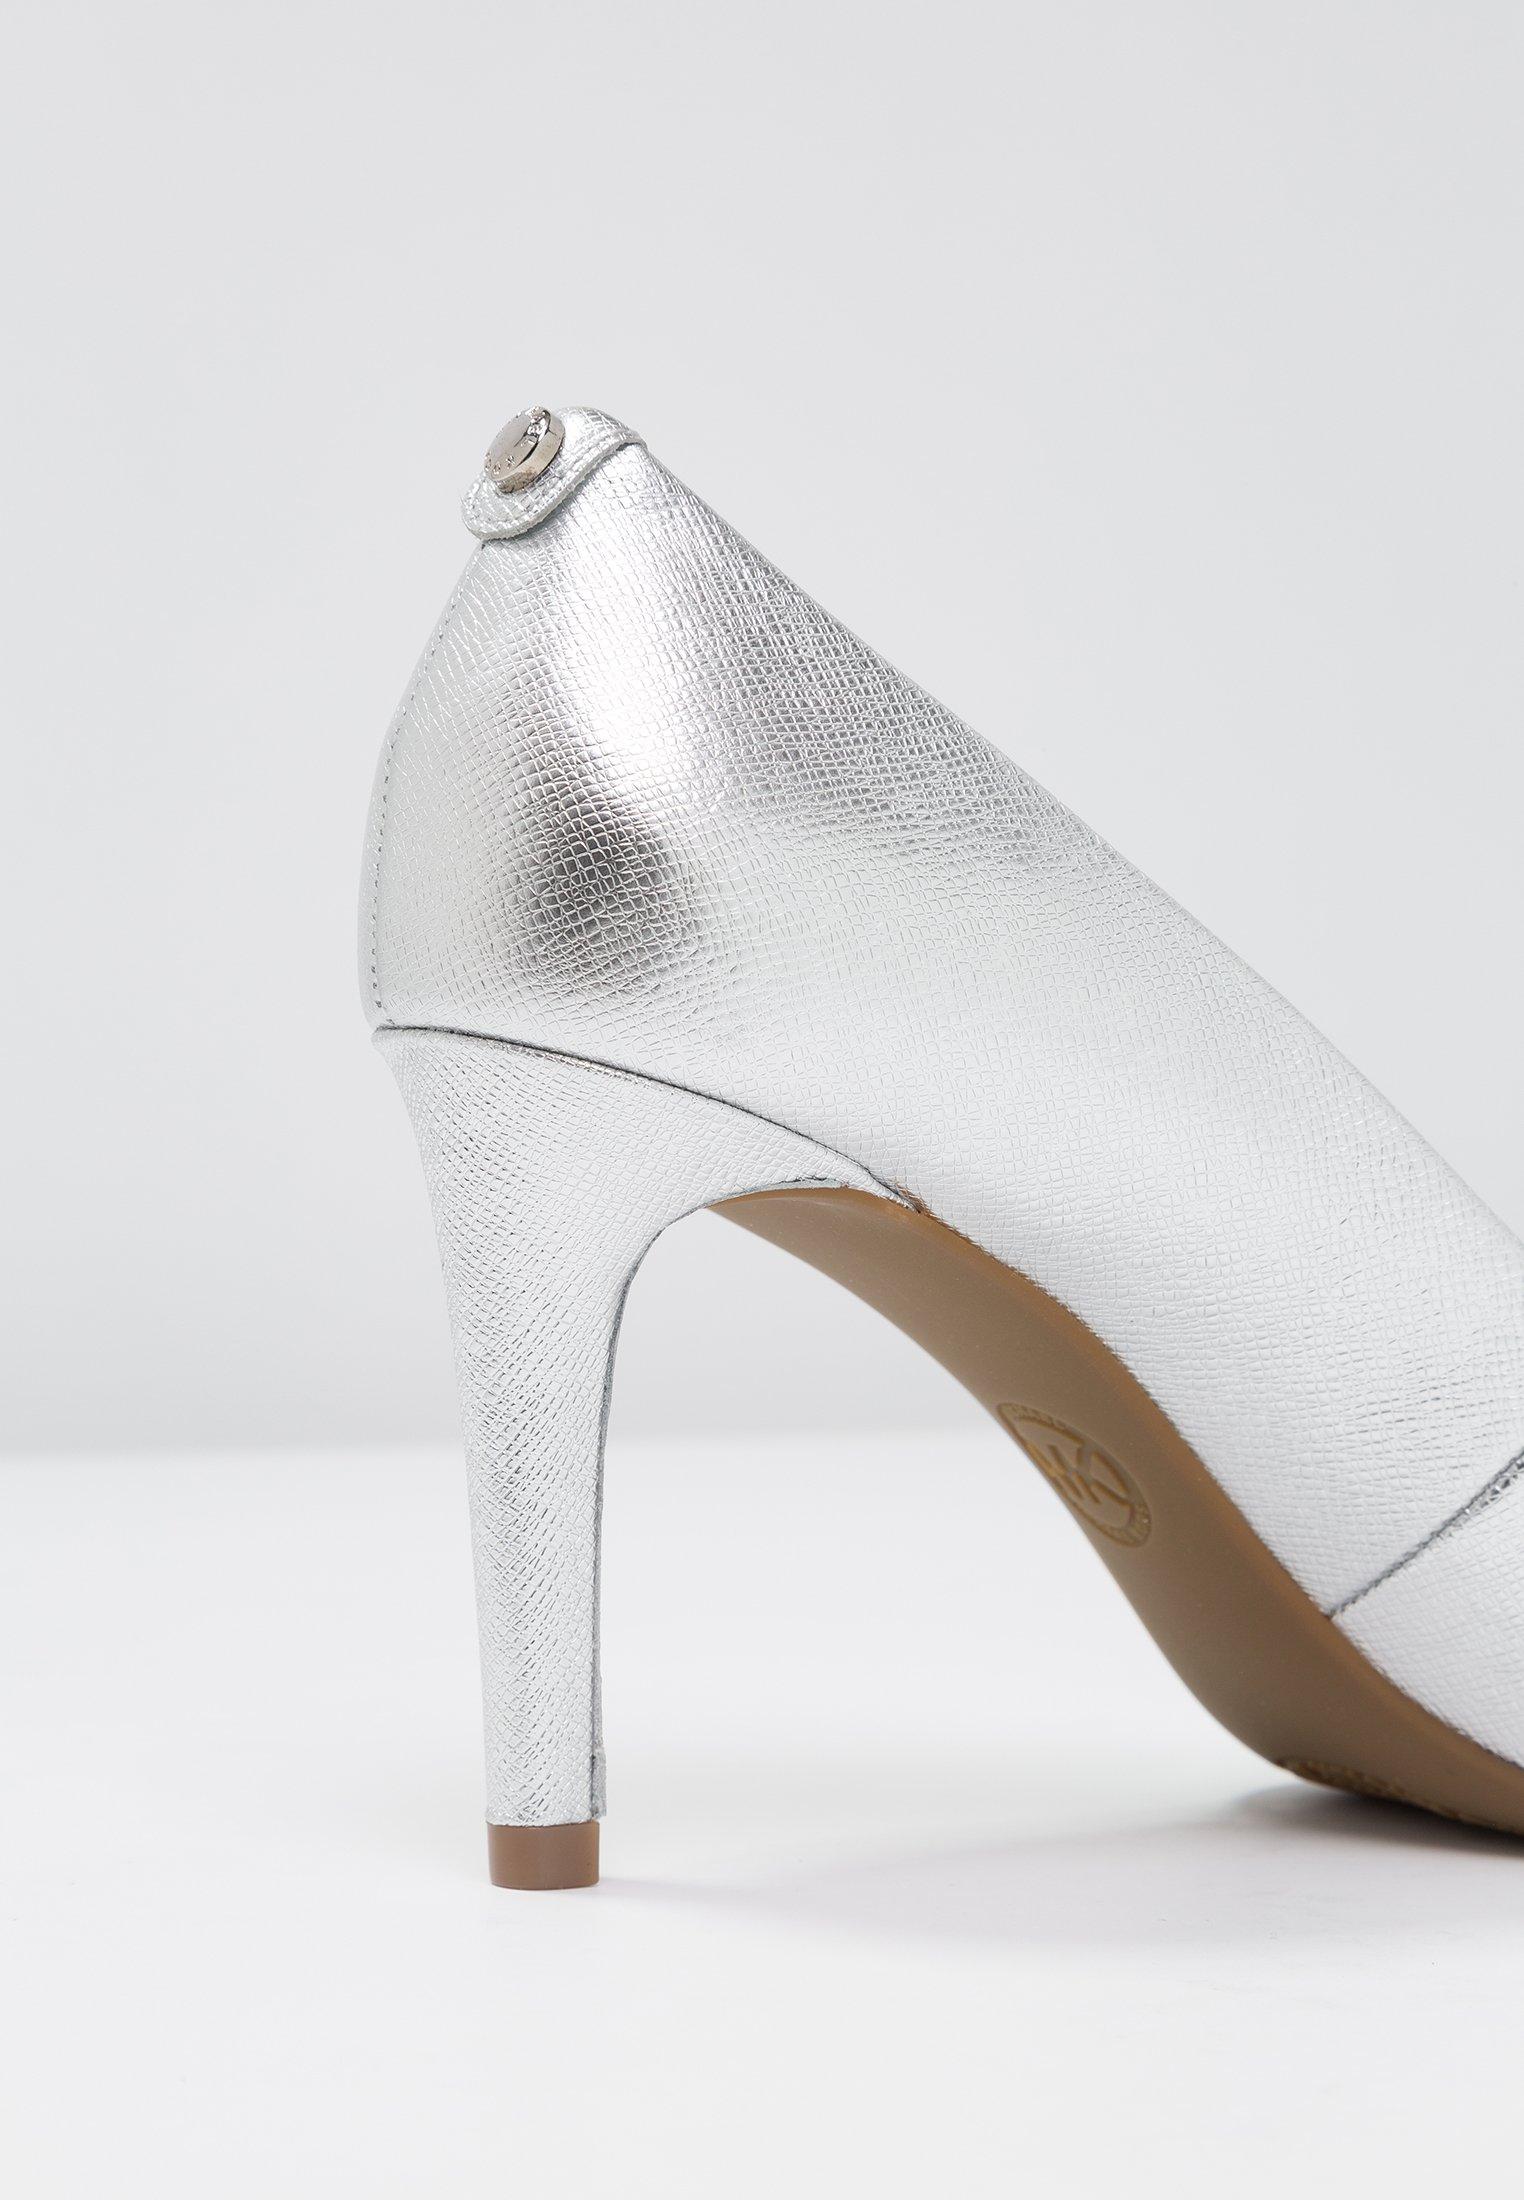 Michael Kors Decolleté - Silver